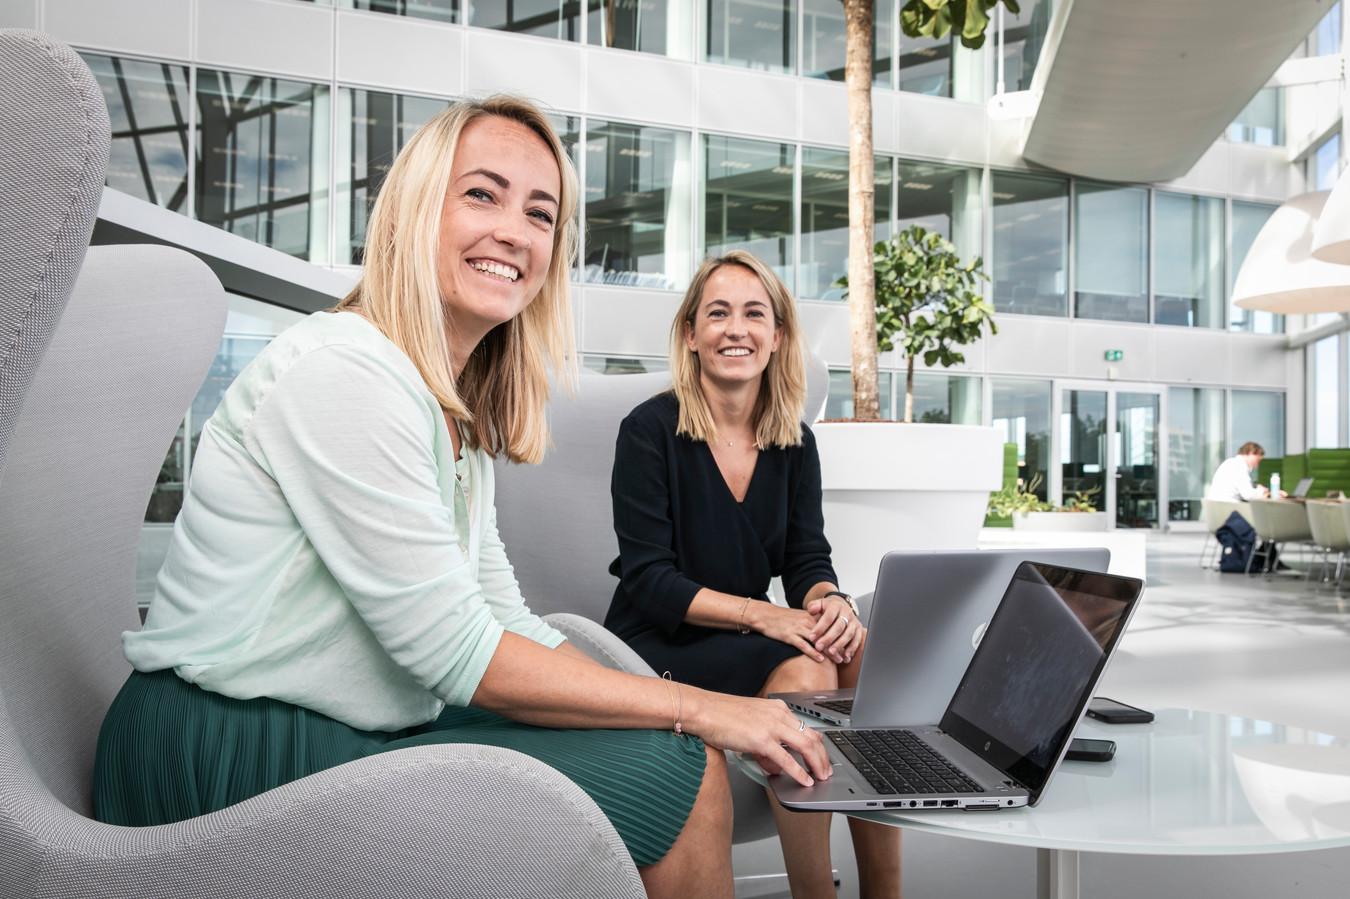 De tweelingzussen Florien en Suzanne Klok werken allebei bij Deloitte.